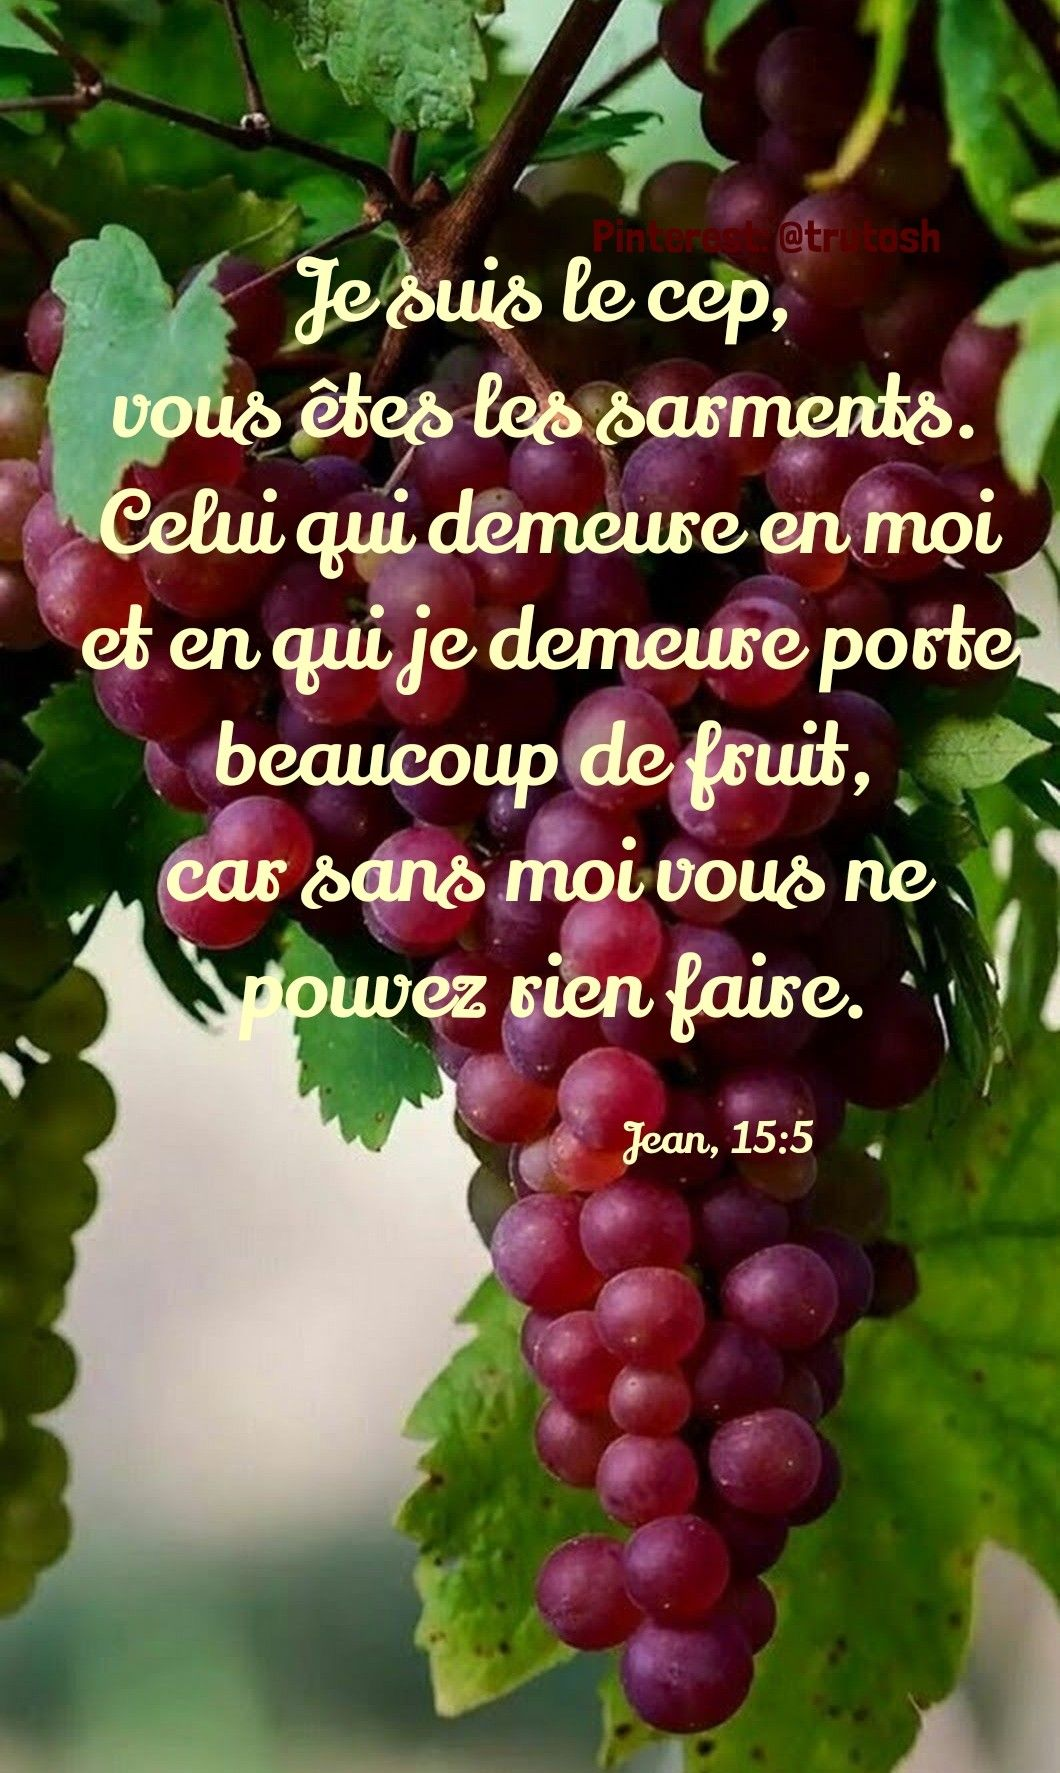 Épinglé par Rita Rathod sur French Bible | Fruit